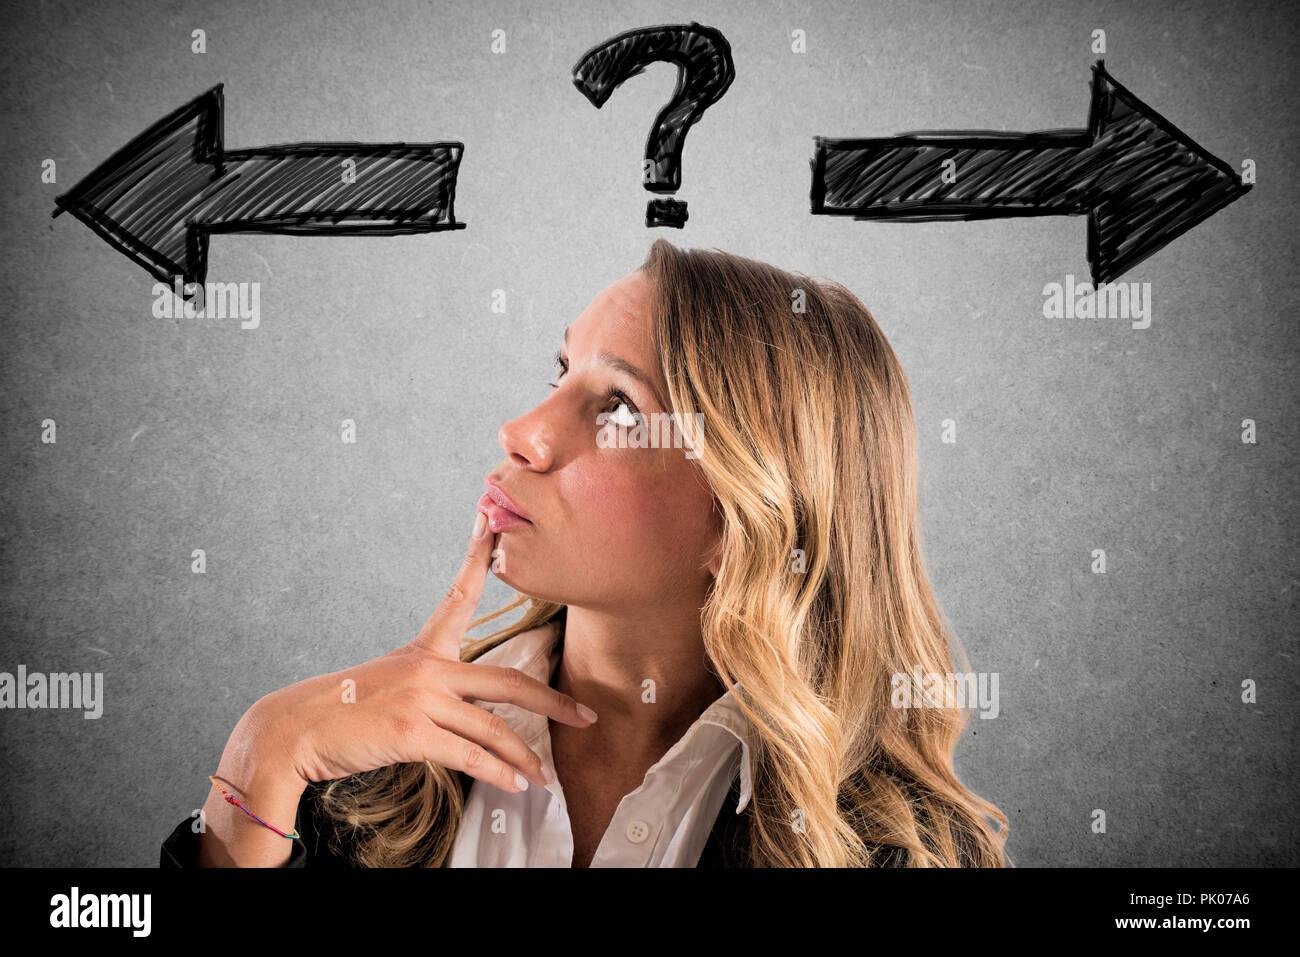 Verwirrt Geschäftsfrau muss den richtigen Weg wählen Stockbild